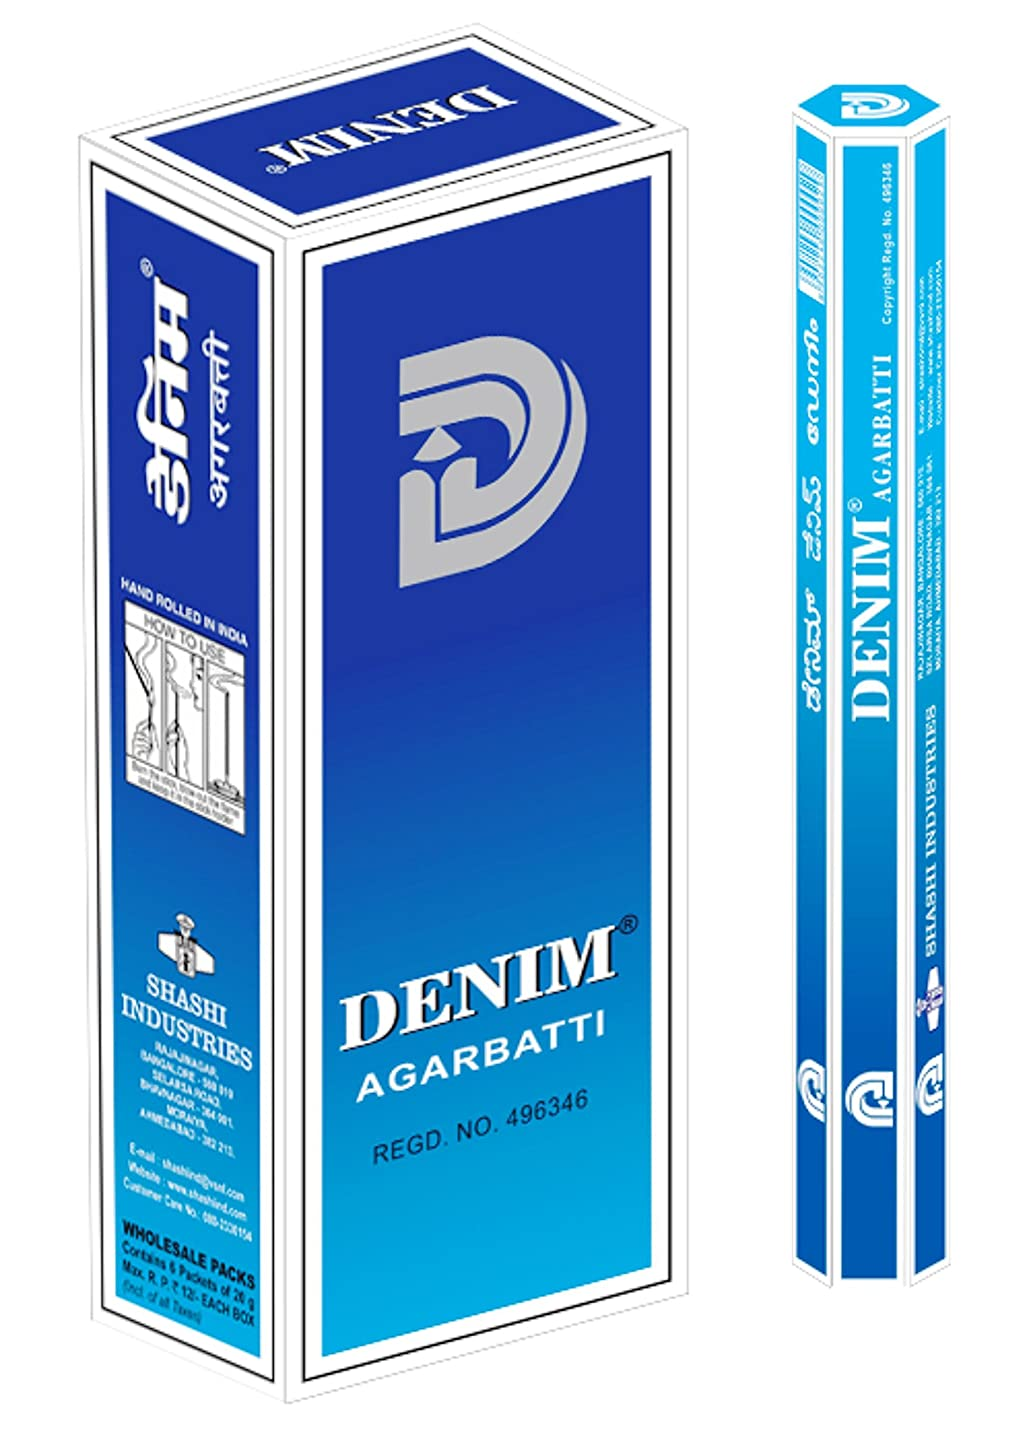 見物人改修おいしいSHASHI社 スティック型インドお香 DENIM 6箱セット